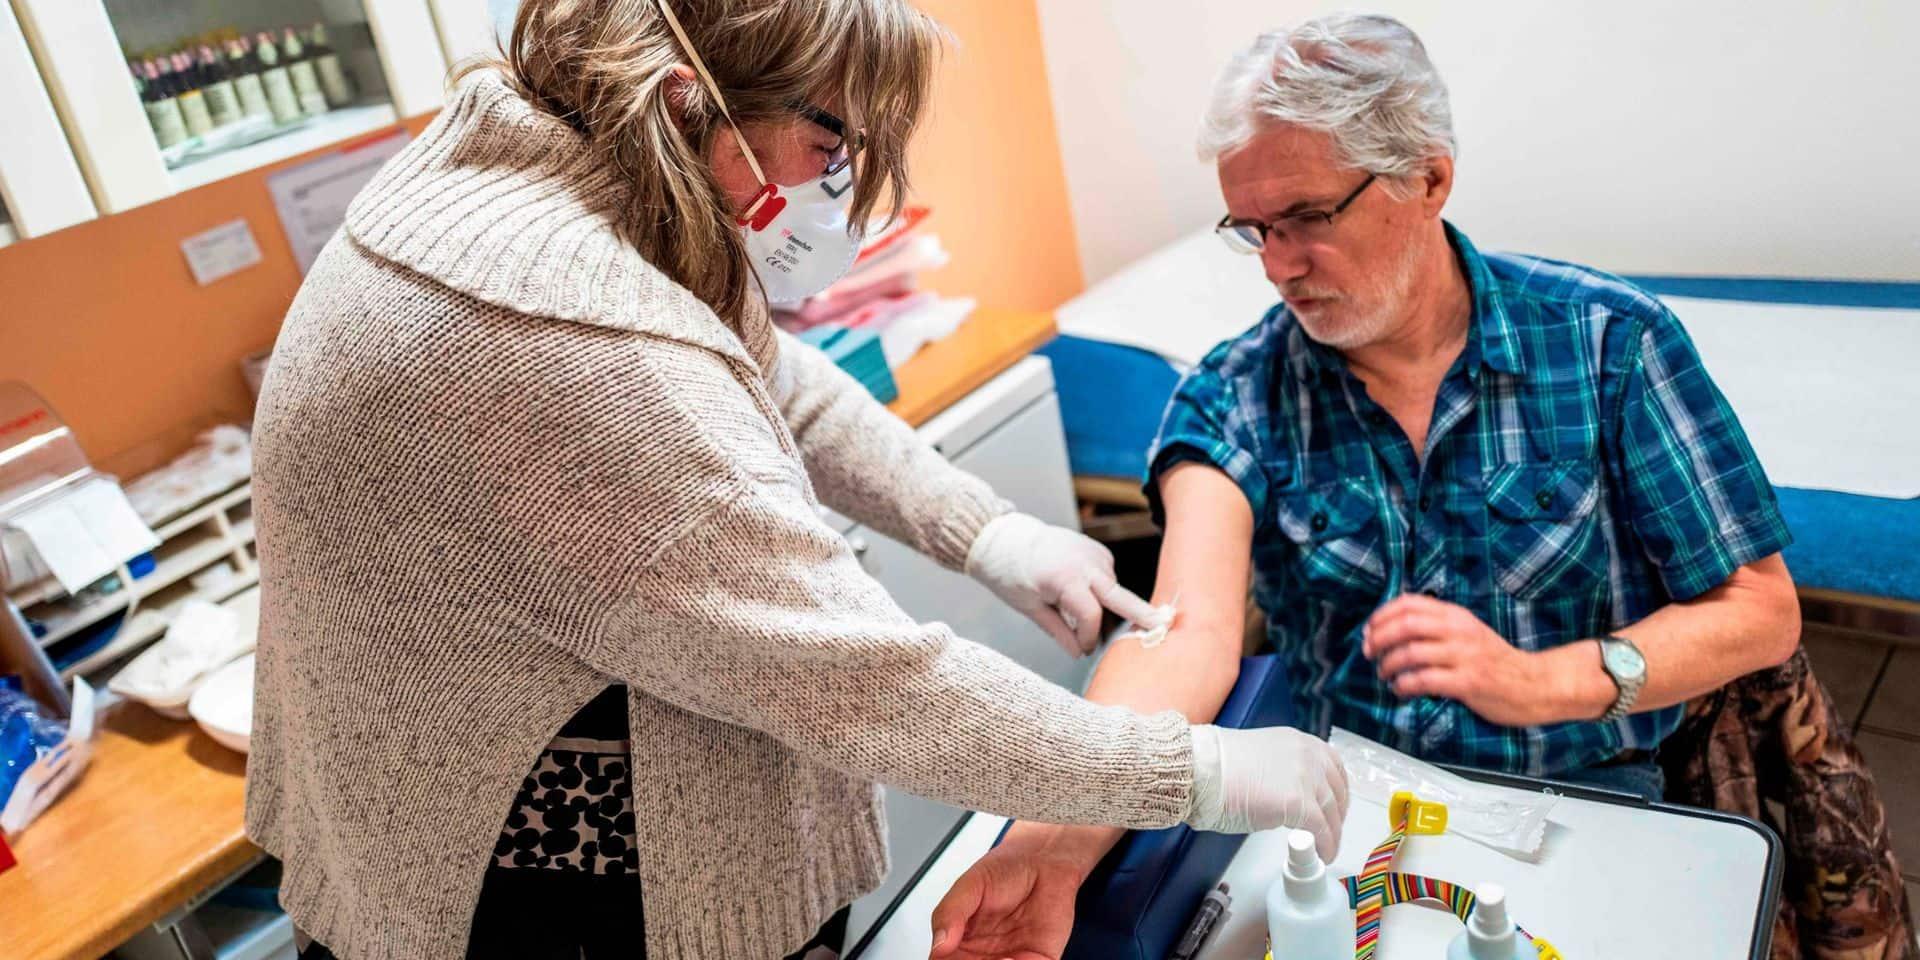 Comment diagnostiquer le coronavirus de façon fiable?